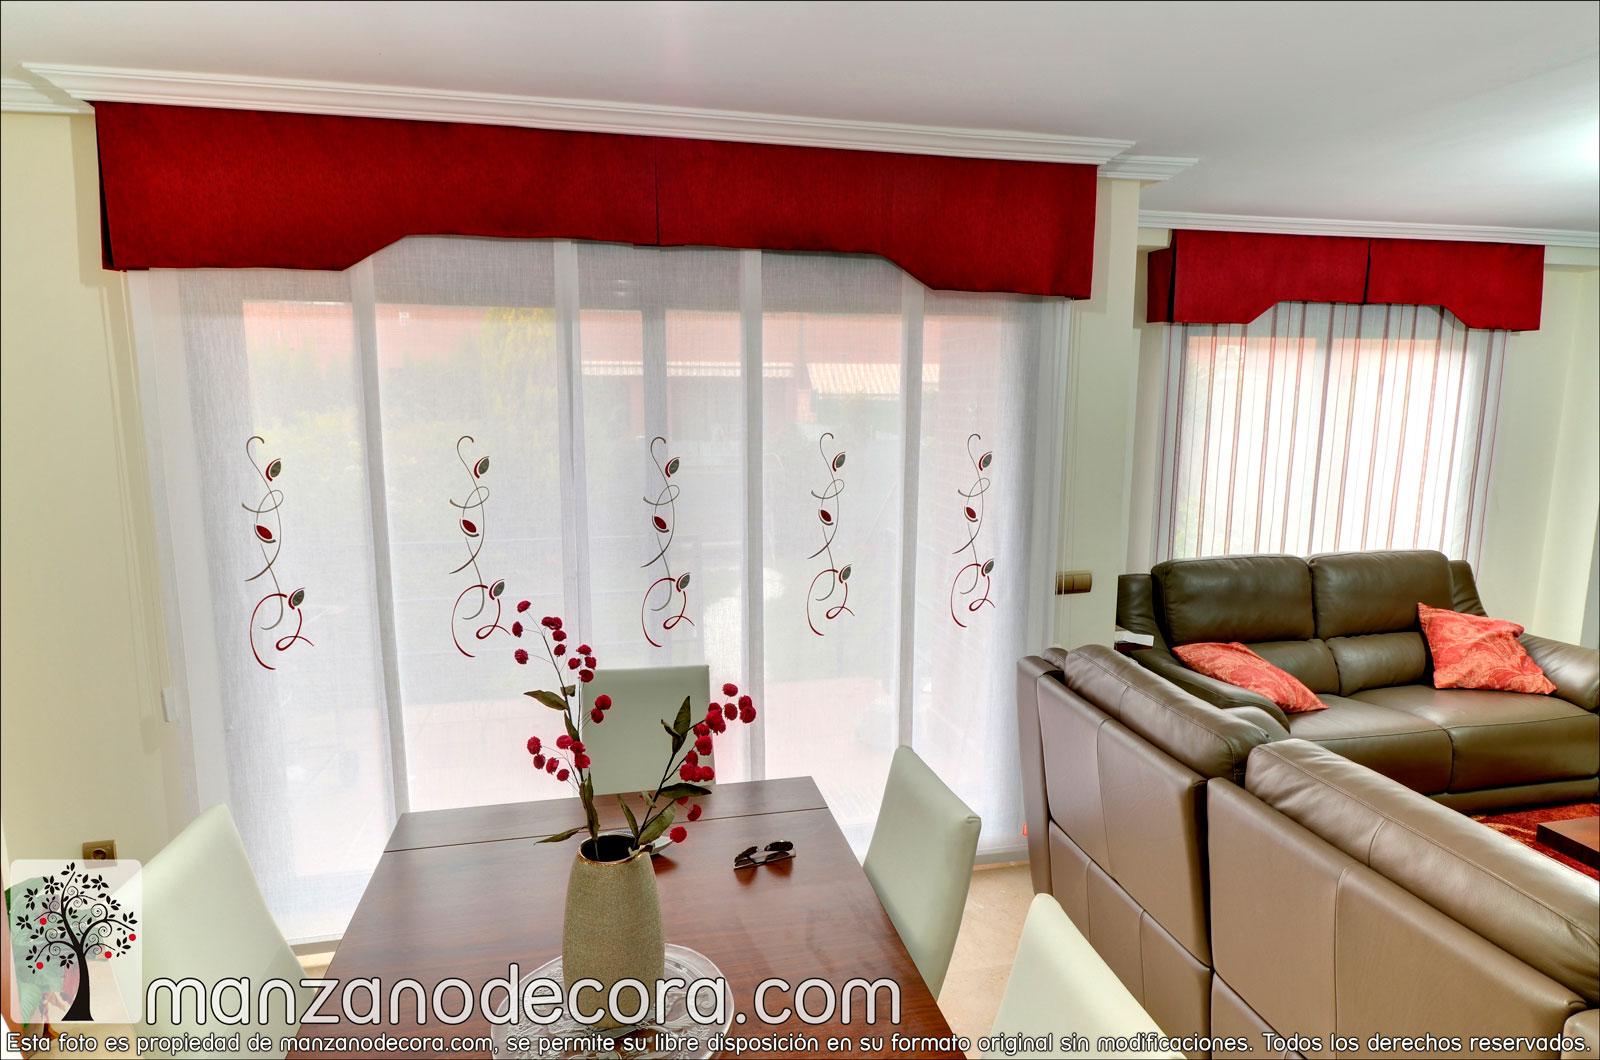 Paneles japoneses cortinas manzanodecora - Estores con bando ...